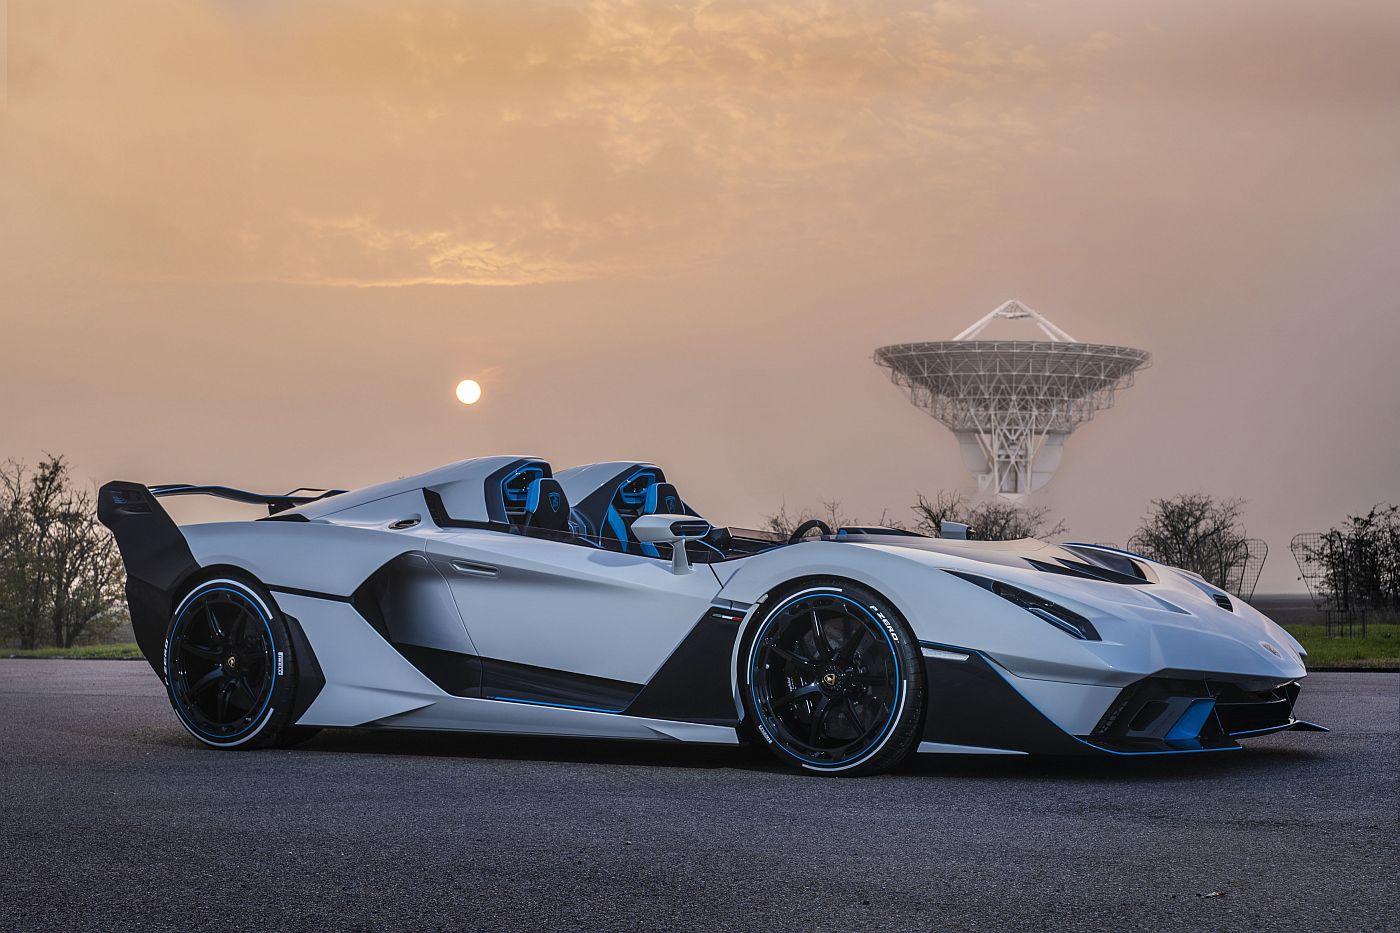 LamborghiniSC Outdoor